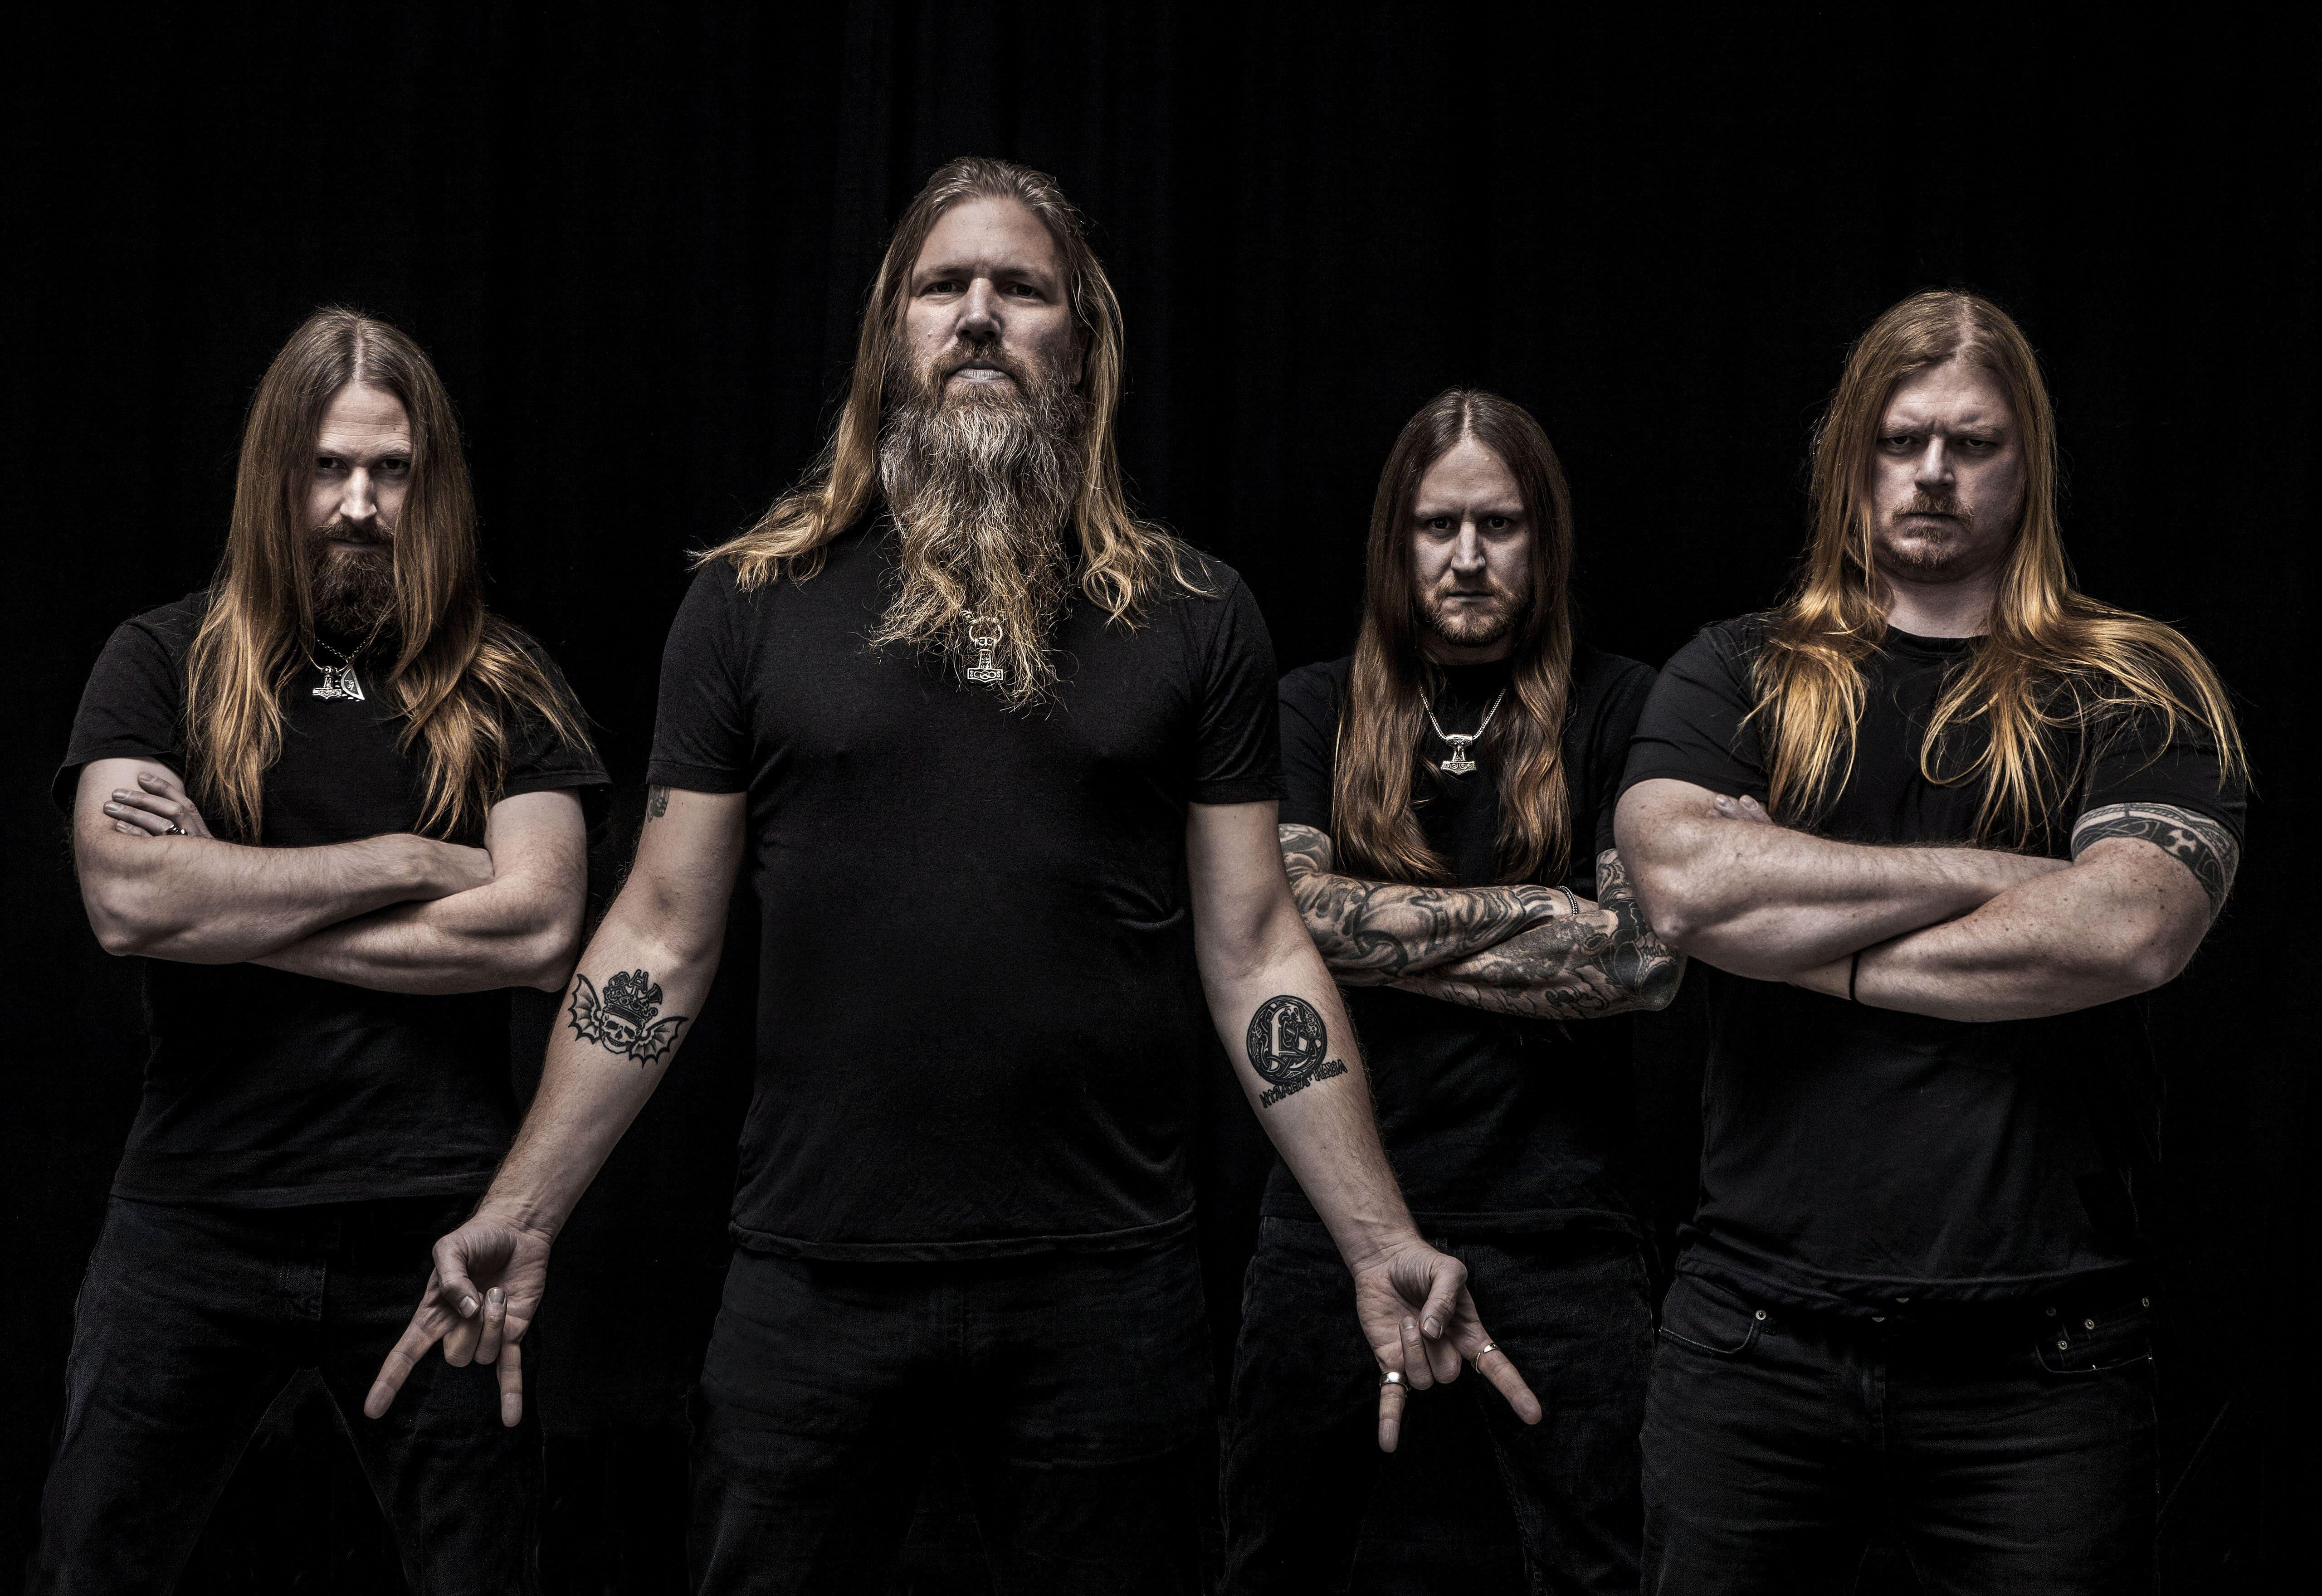 Метал группа Amon Amarth из Швеции на черном фоне, 5120 на 3520 пикселей